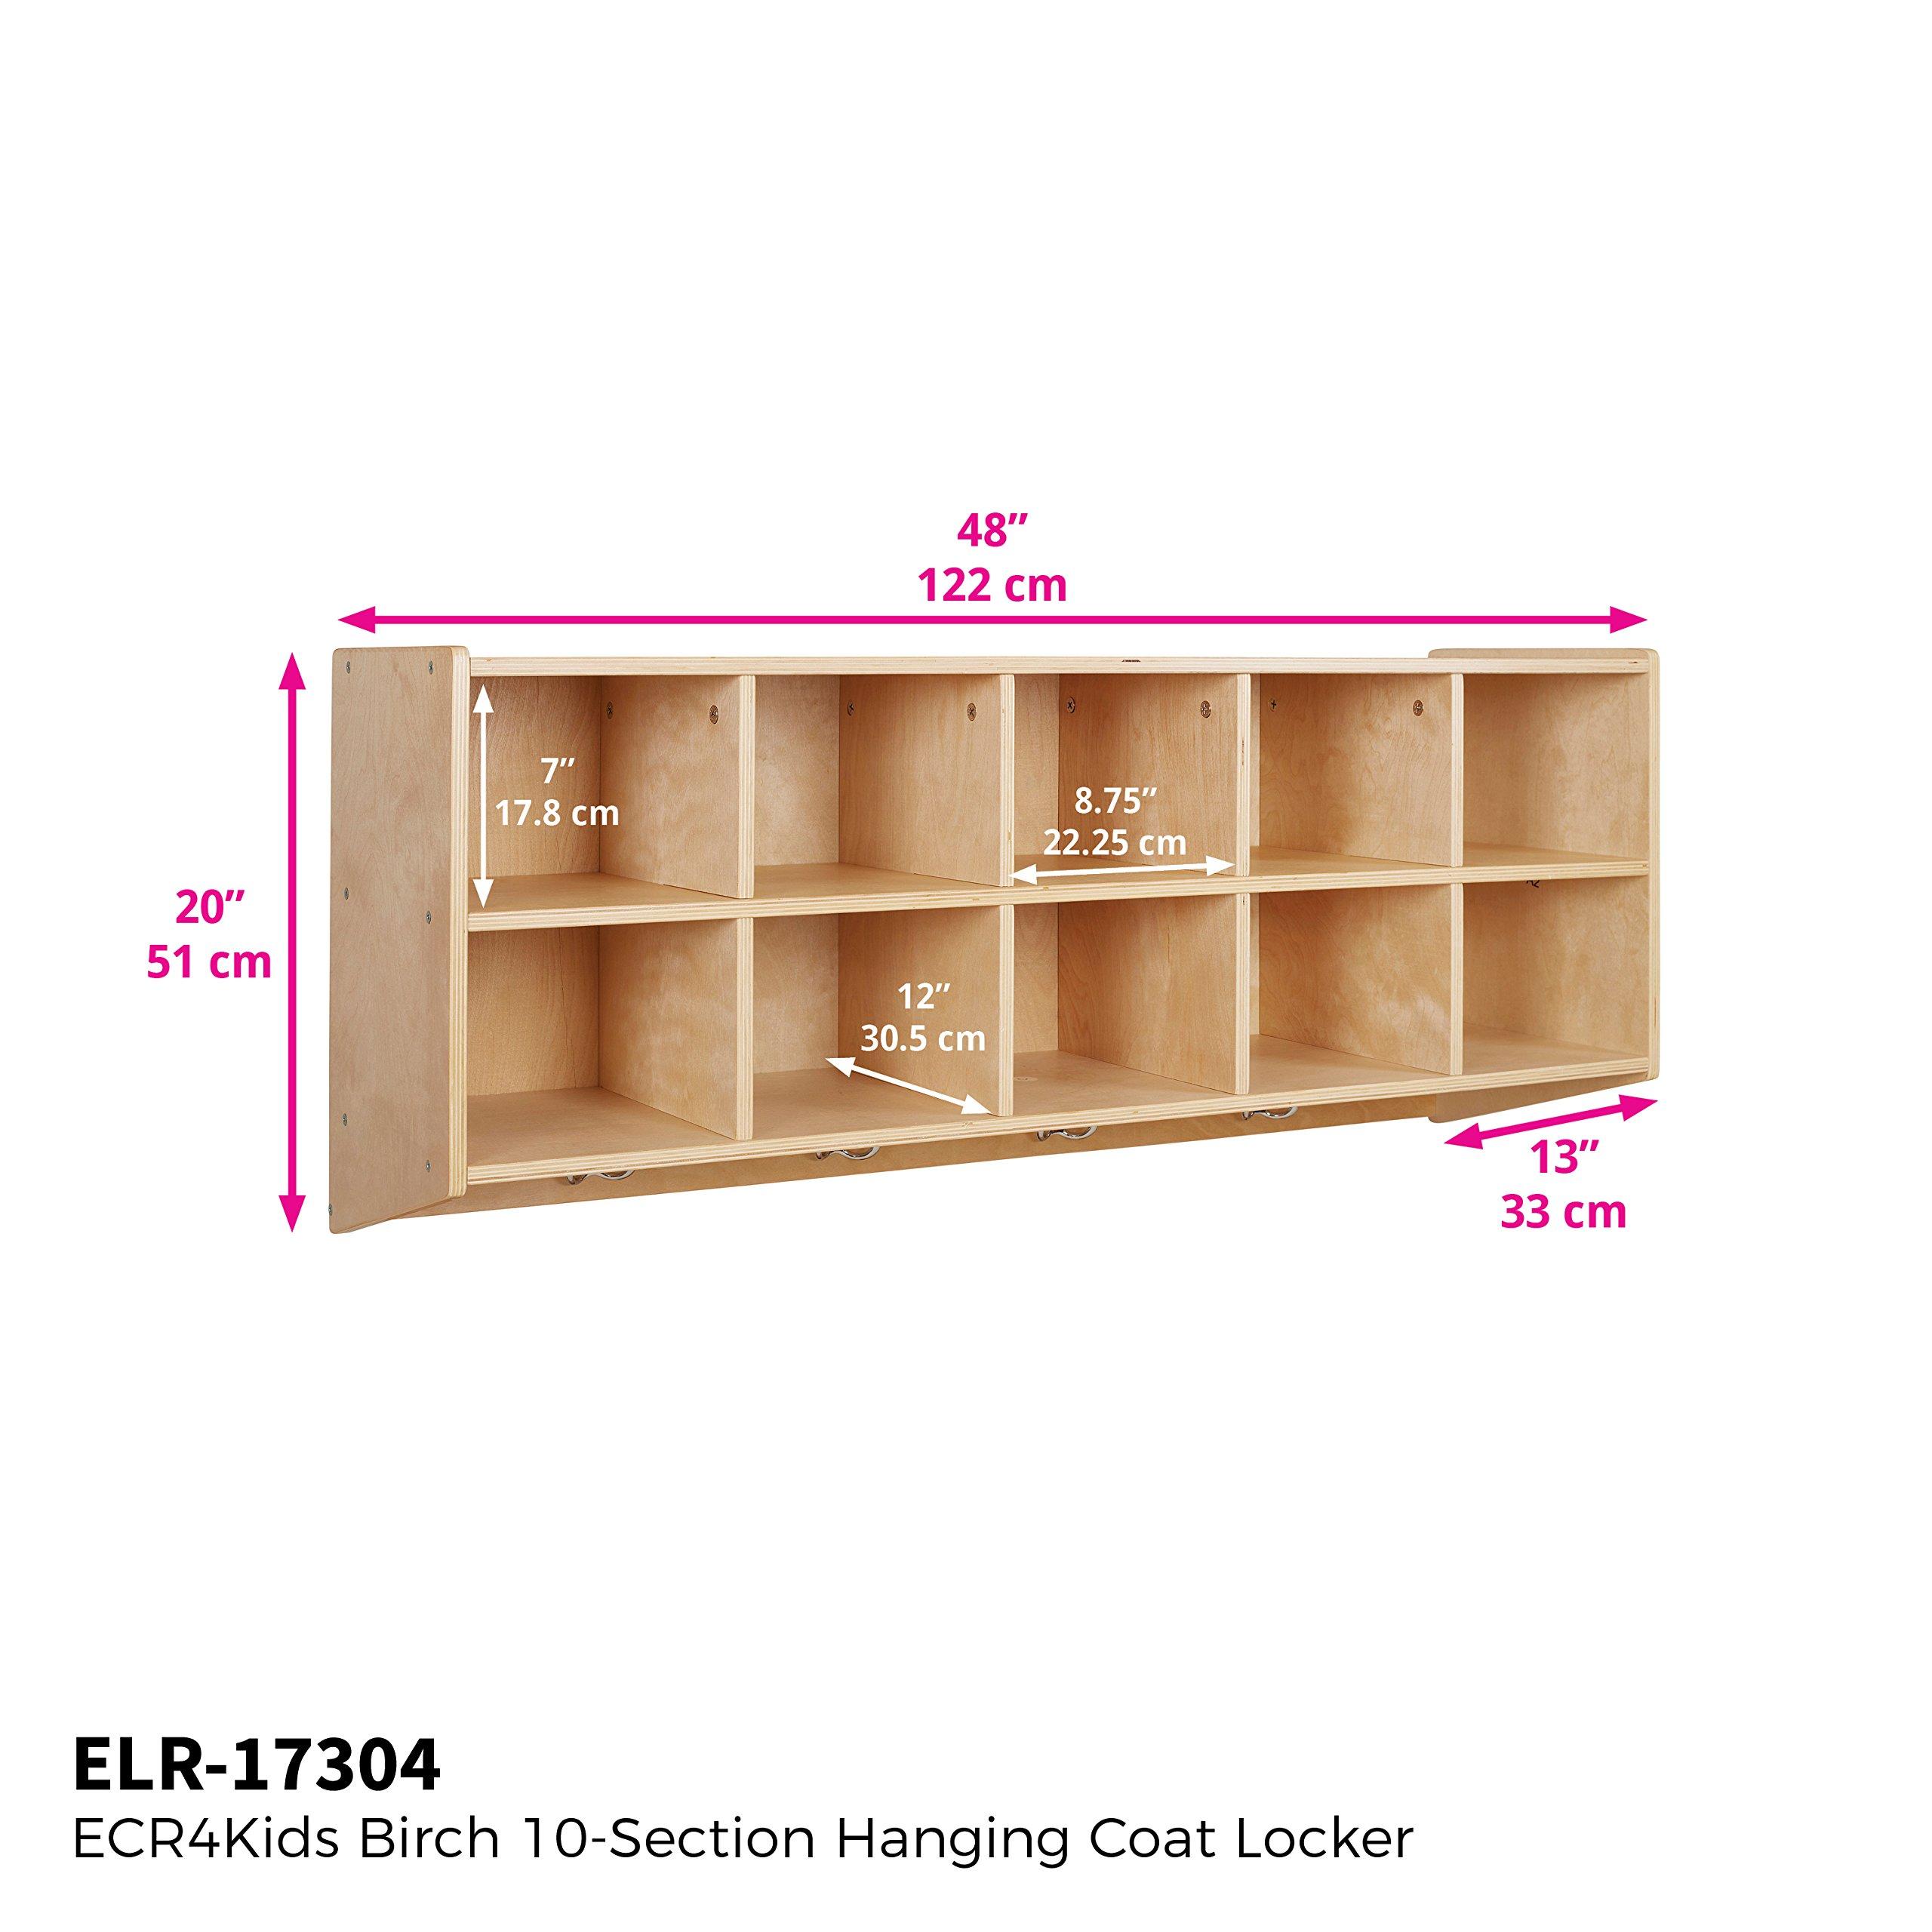 ECR4Kids 10-Cubbie Birch Hardwood Wall Mount Hanging Coat Locker